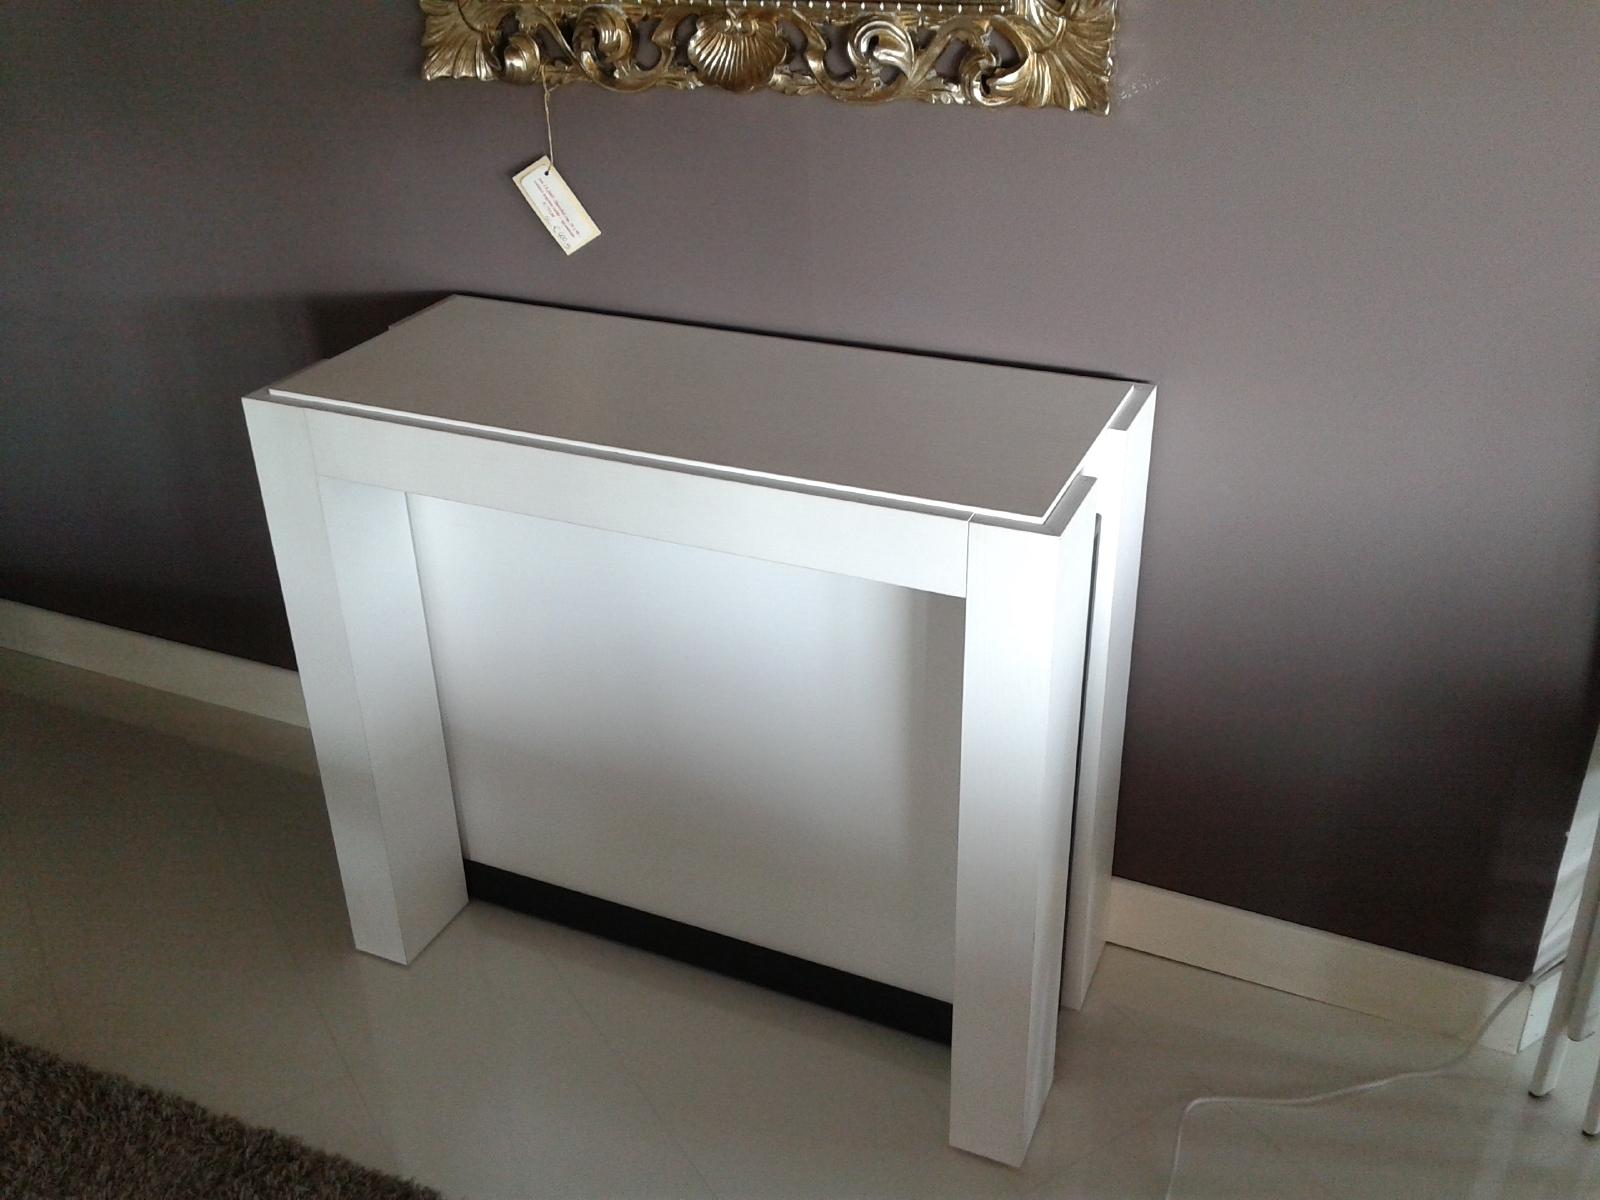 Tavolo ozzio tavolo consolle micro scontato del 44 tavoli a prezzi scontati - Tavolo consolle riflessi p300 prezzo ...